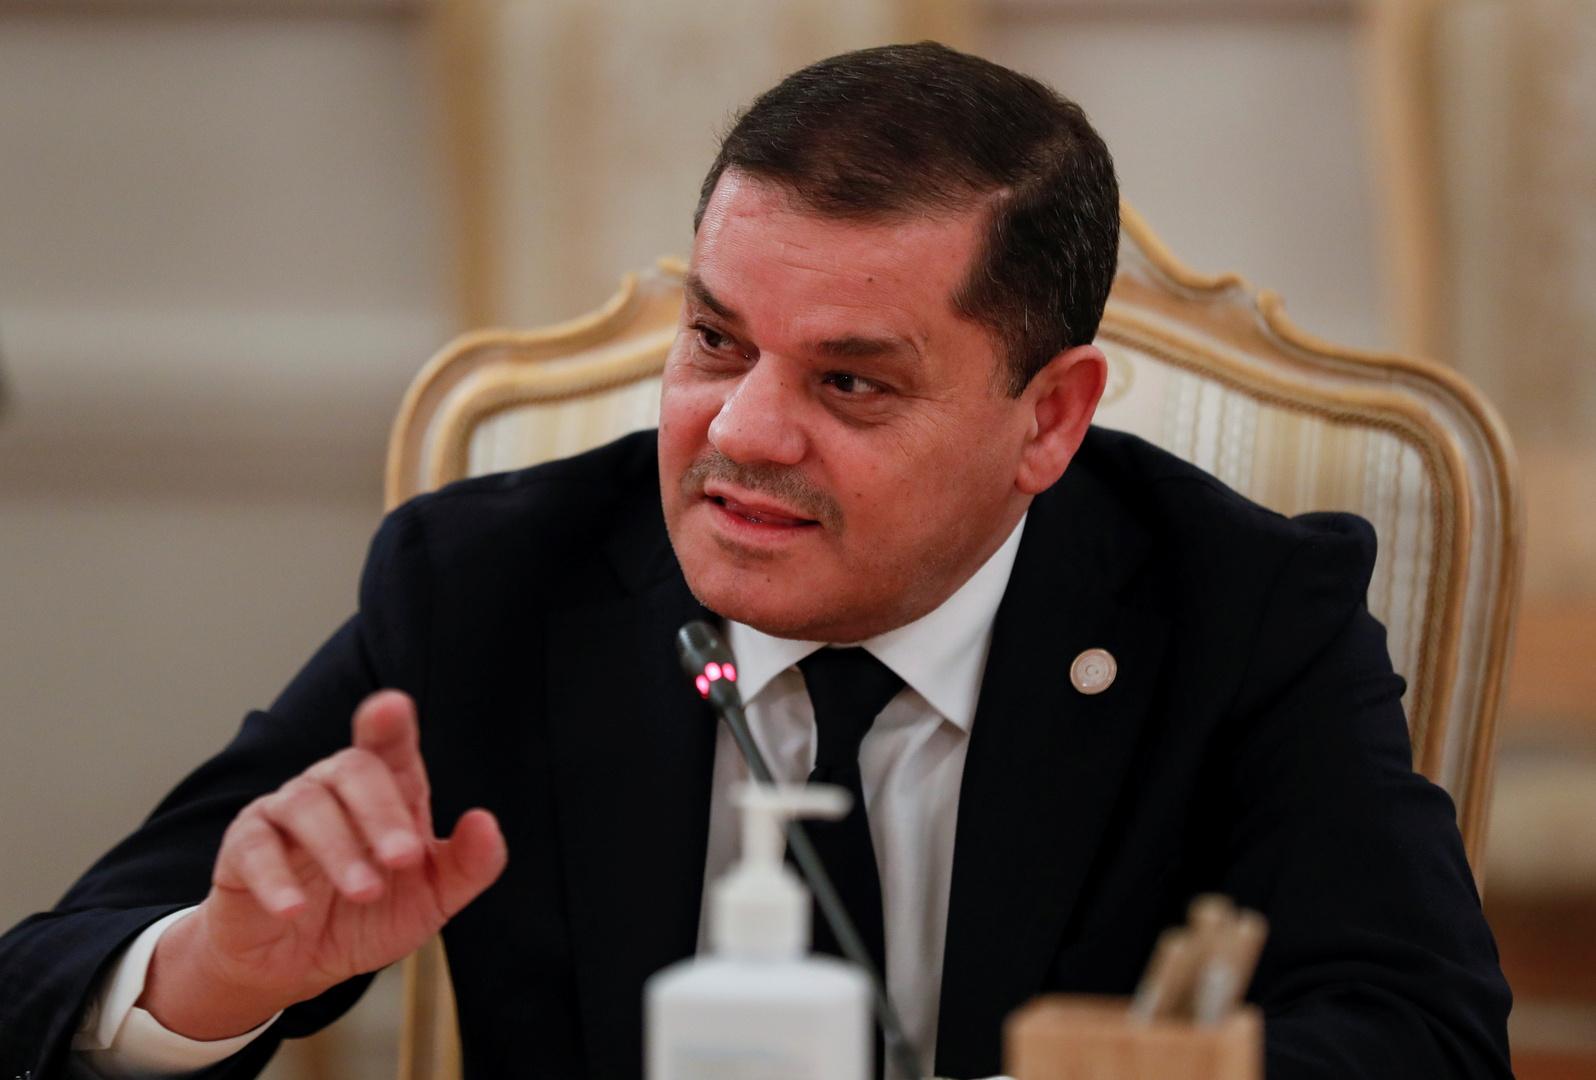 الدبيبة: لا يمكن للجيش أن ينتسب لشخص مهما كانت صفته بل هو جيش الليبيين جميعا